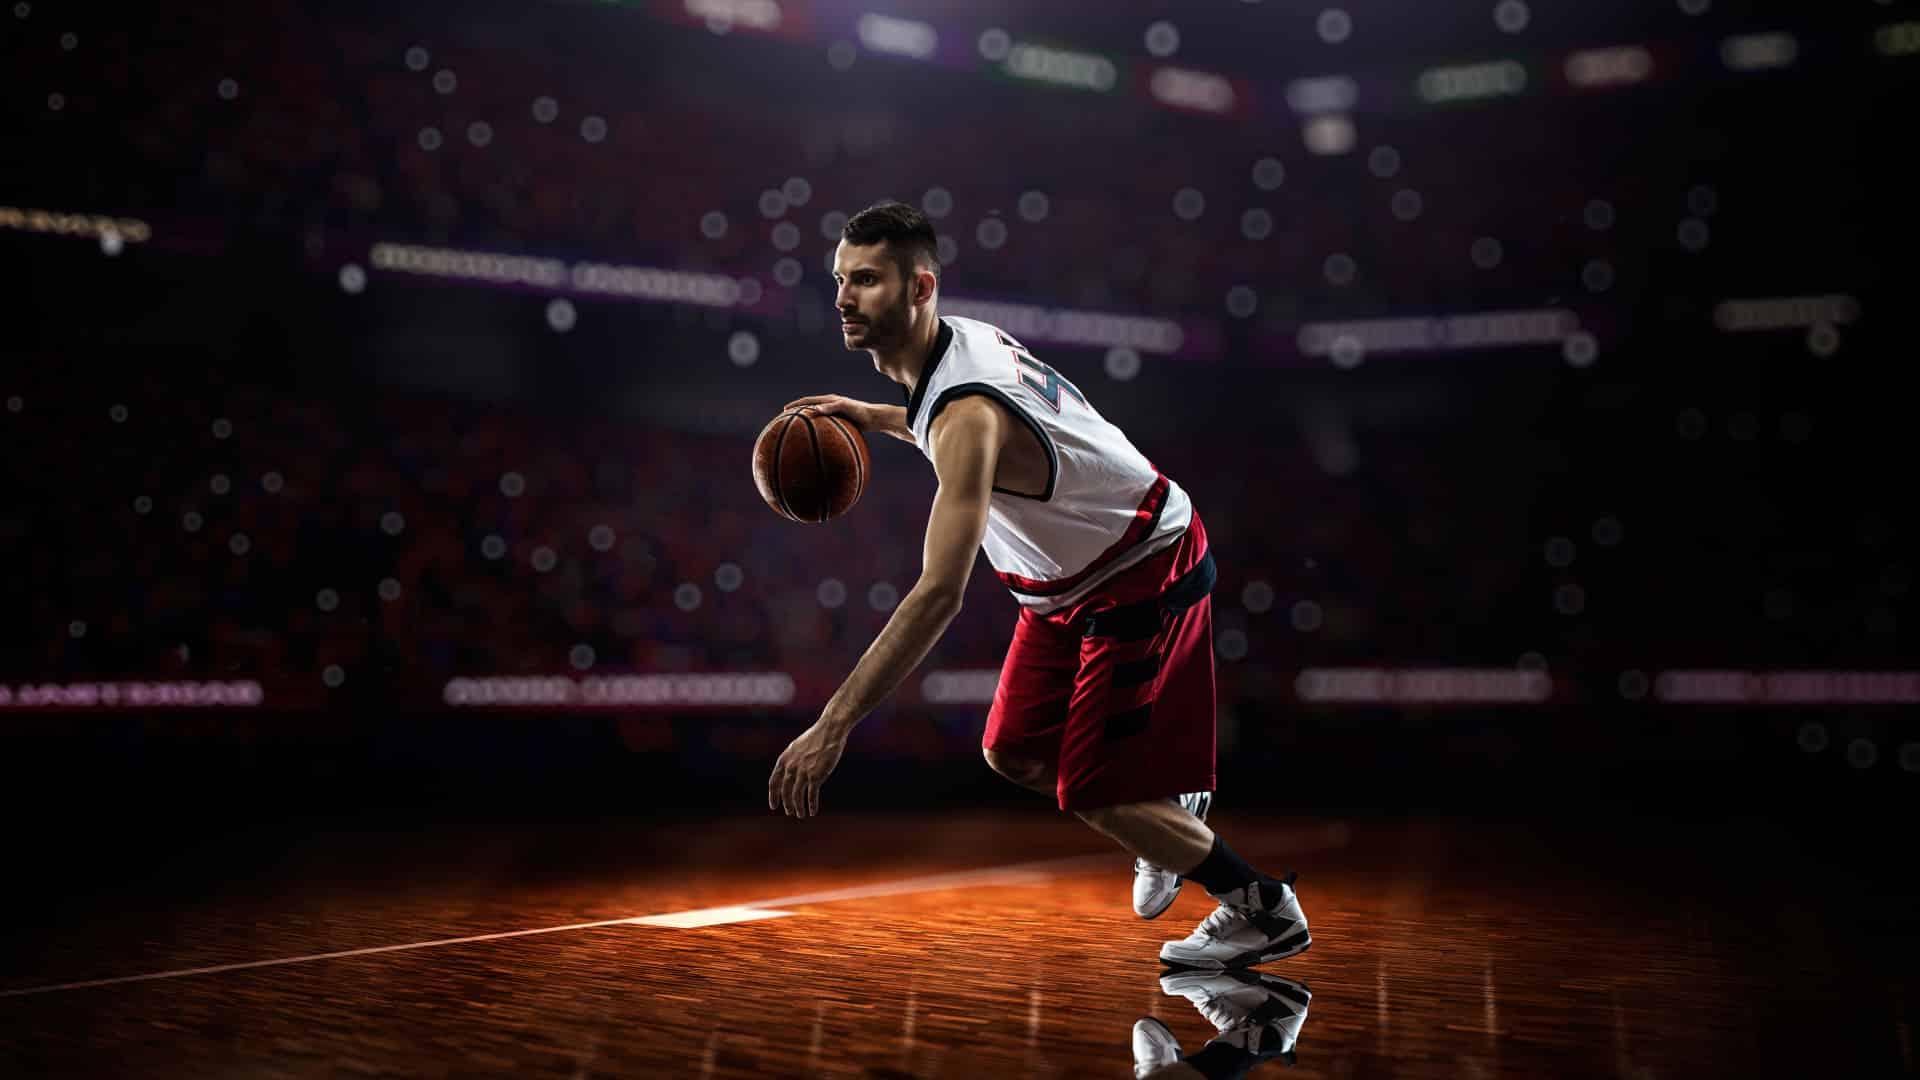 پیش بینی بسکتبال